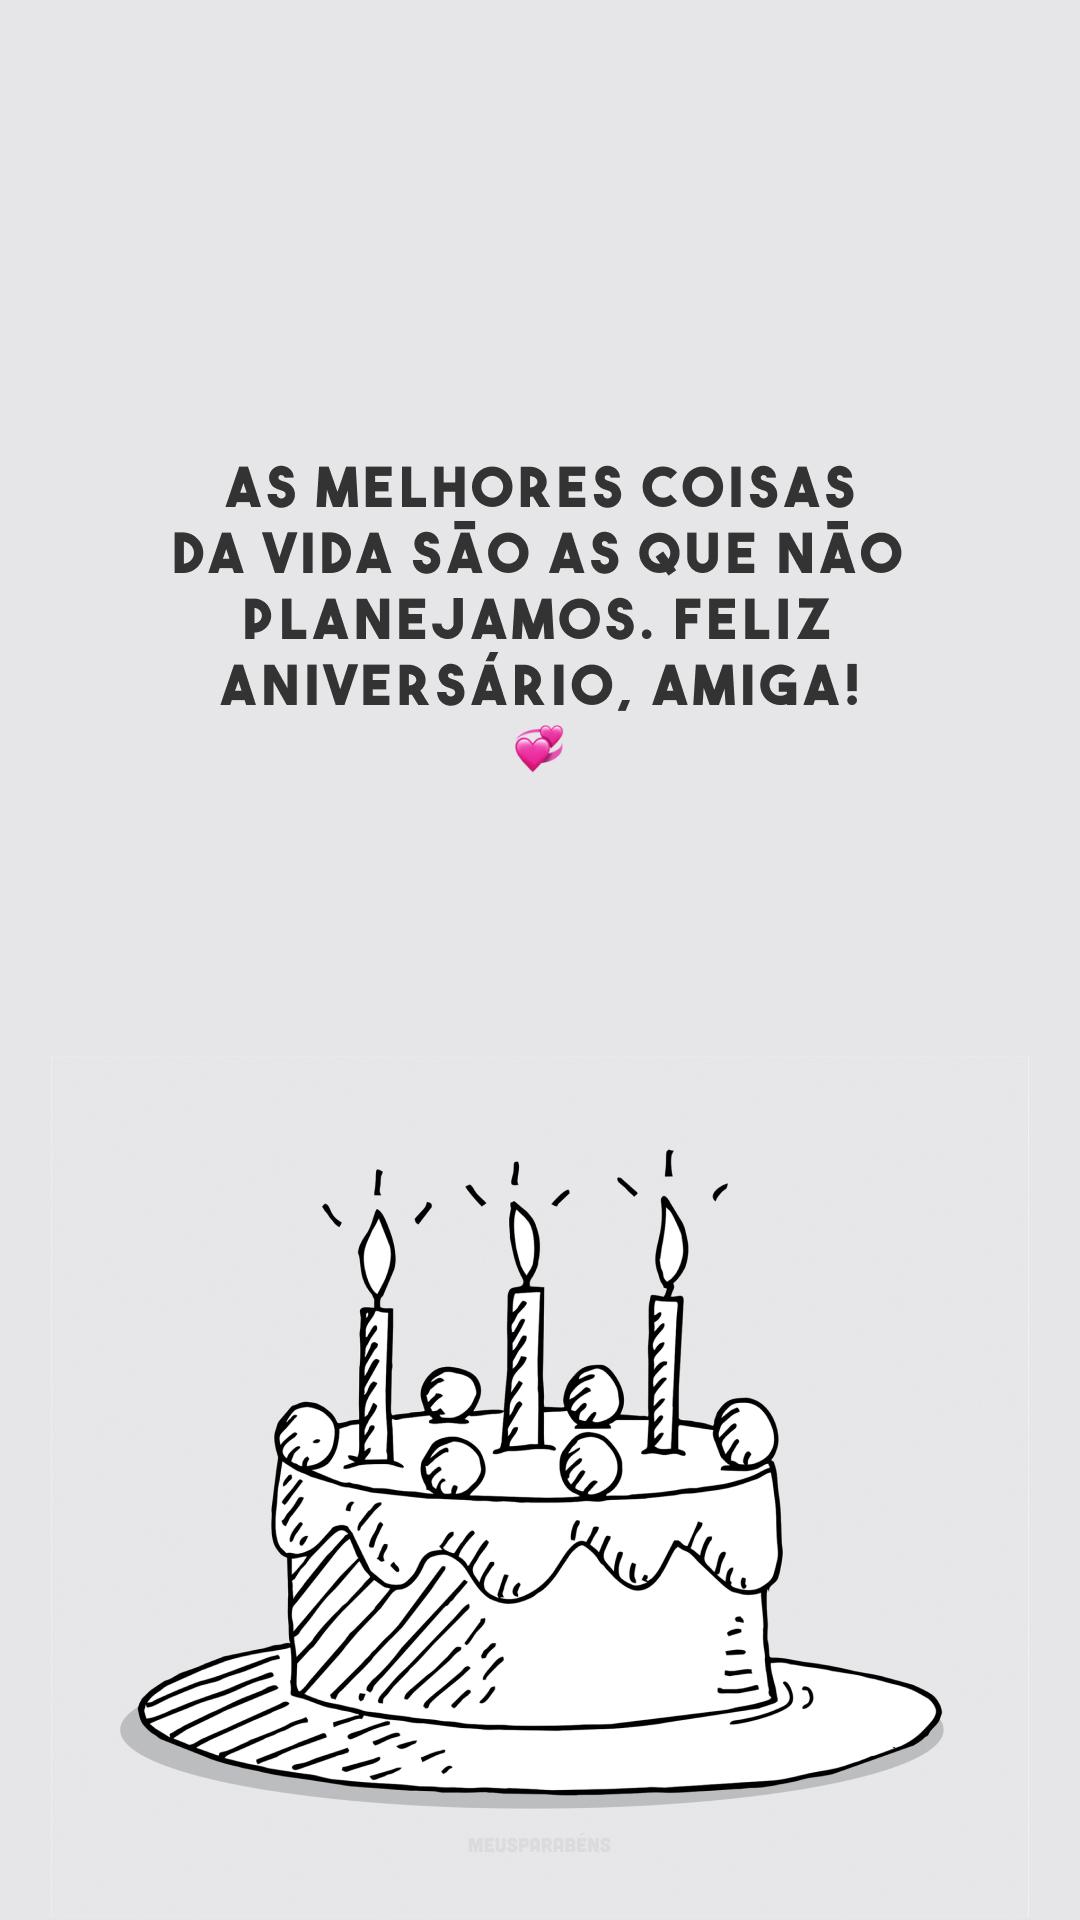 As melhores coisas da vida são as que não planejamos. Feliz aniversário, amiga! 💞